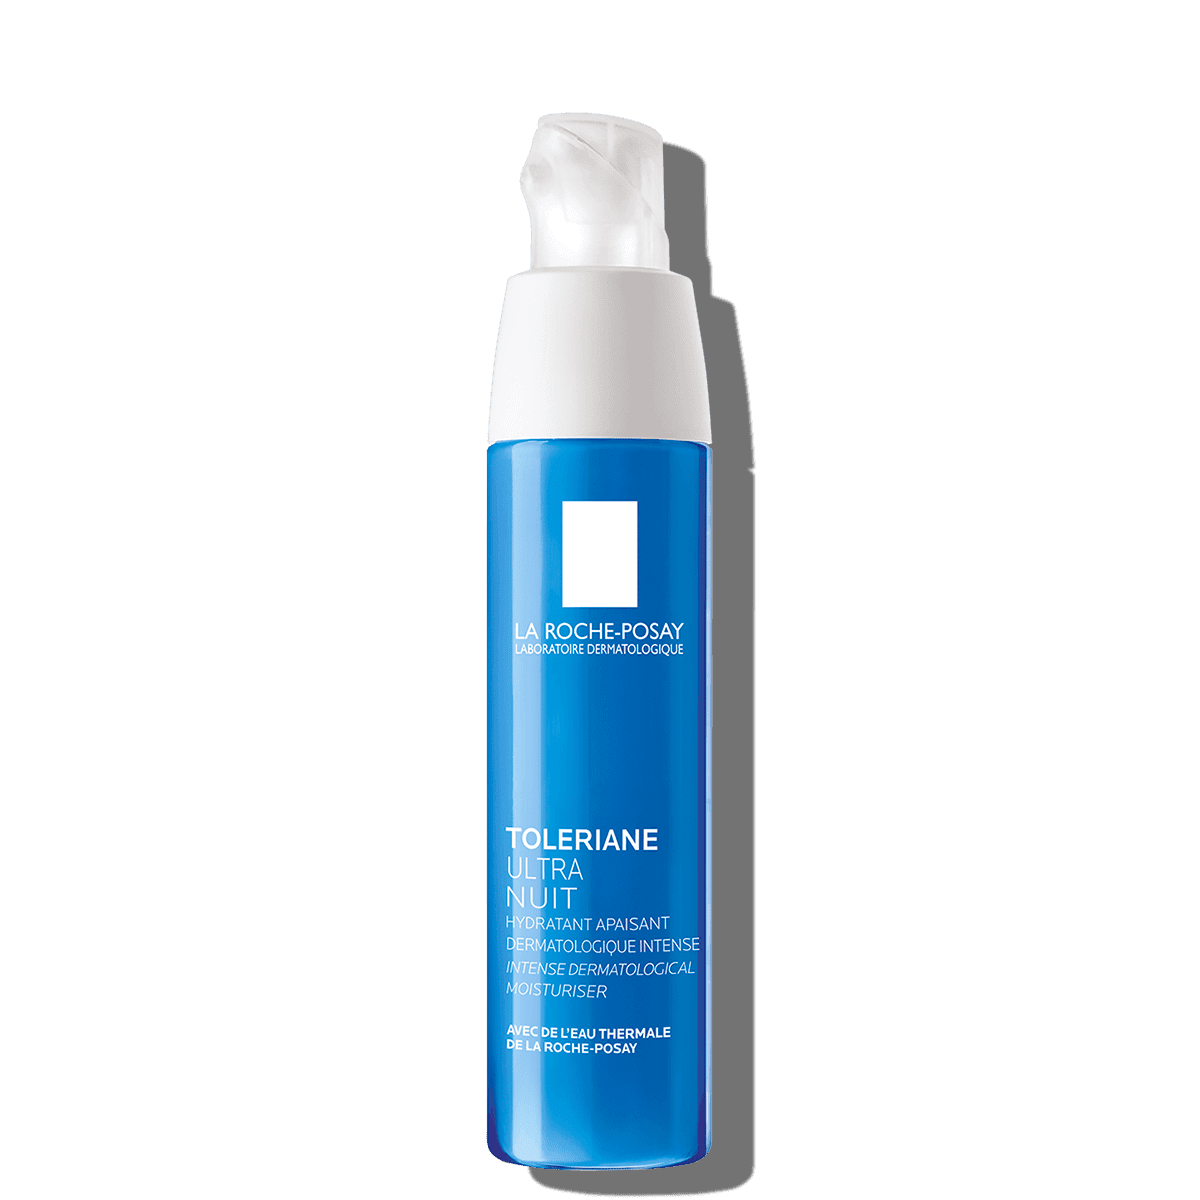 Larocheposay skin care Toleriane ultra nuit Front